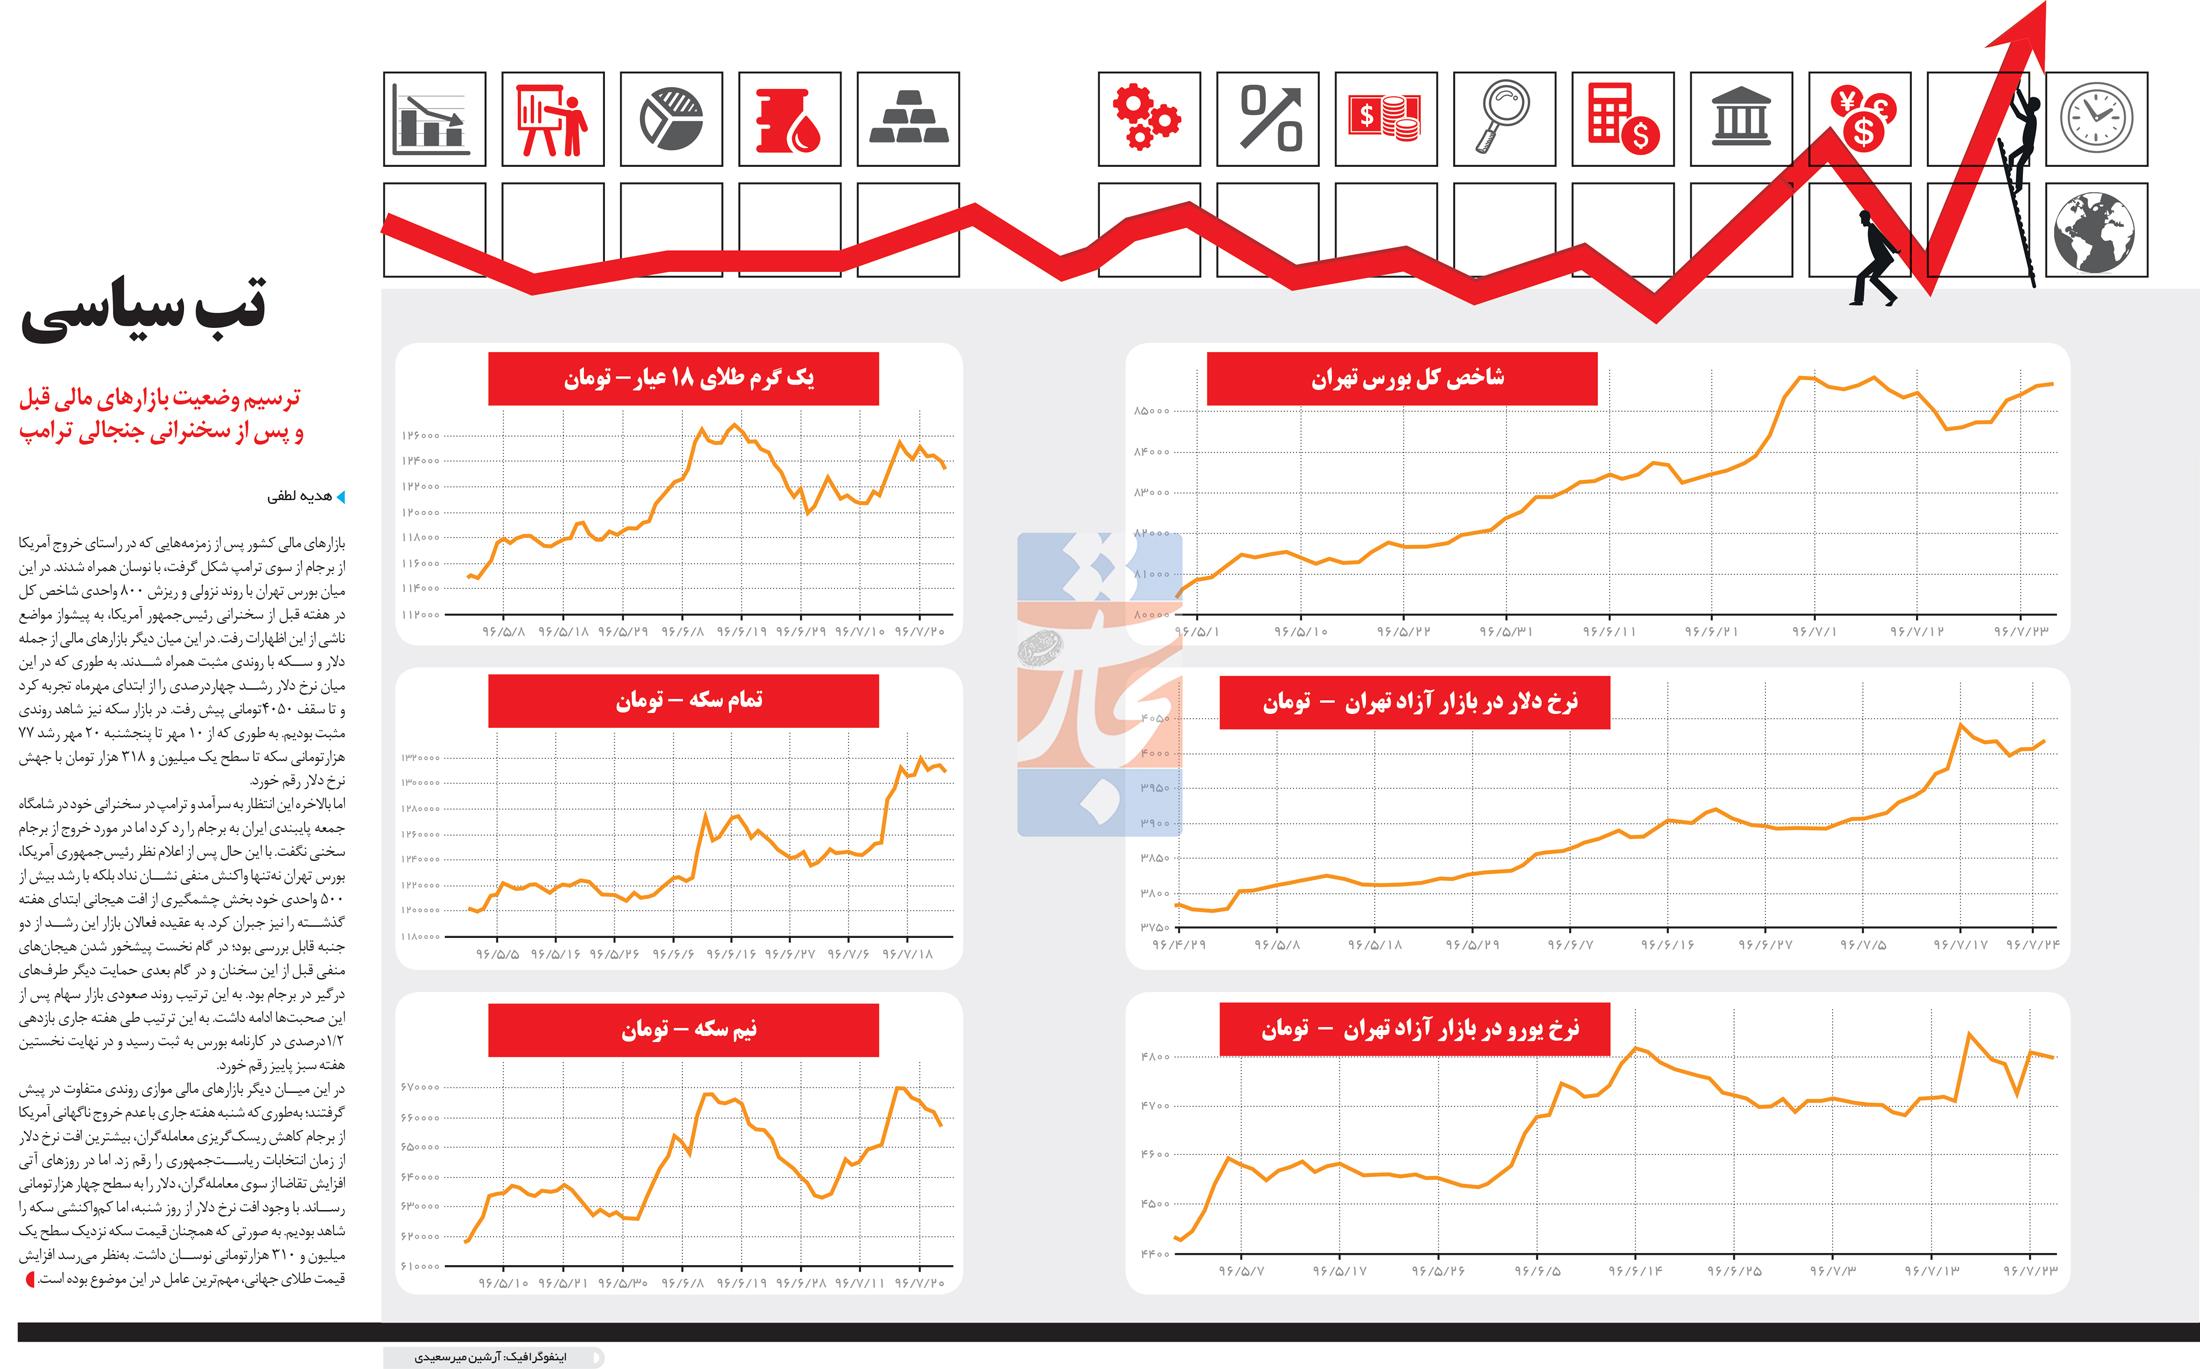 تجارت فردا- اینفوگرافیک-تب سیاسی